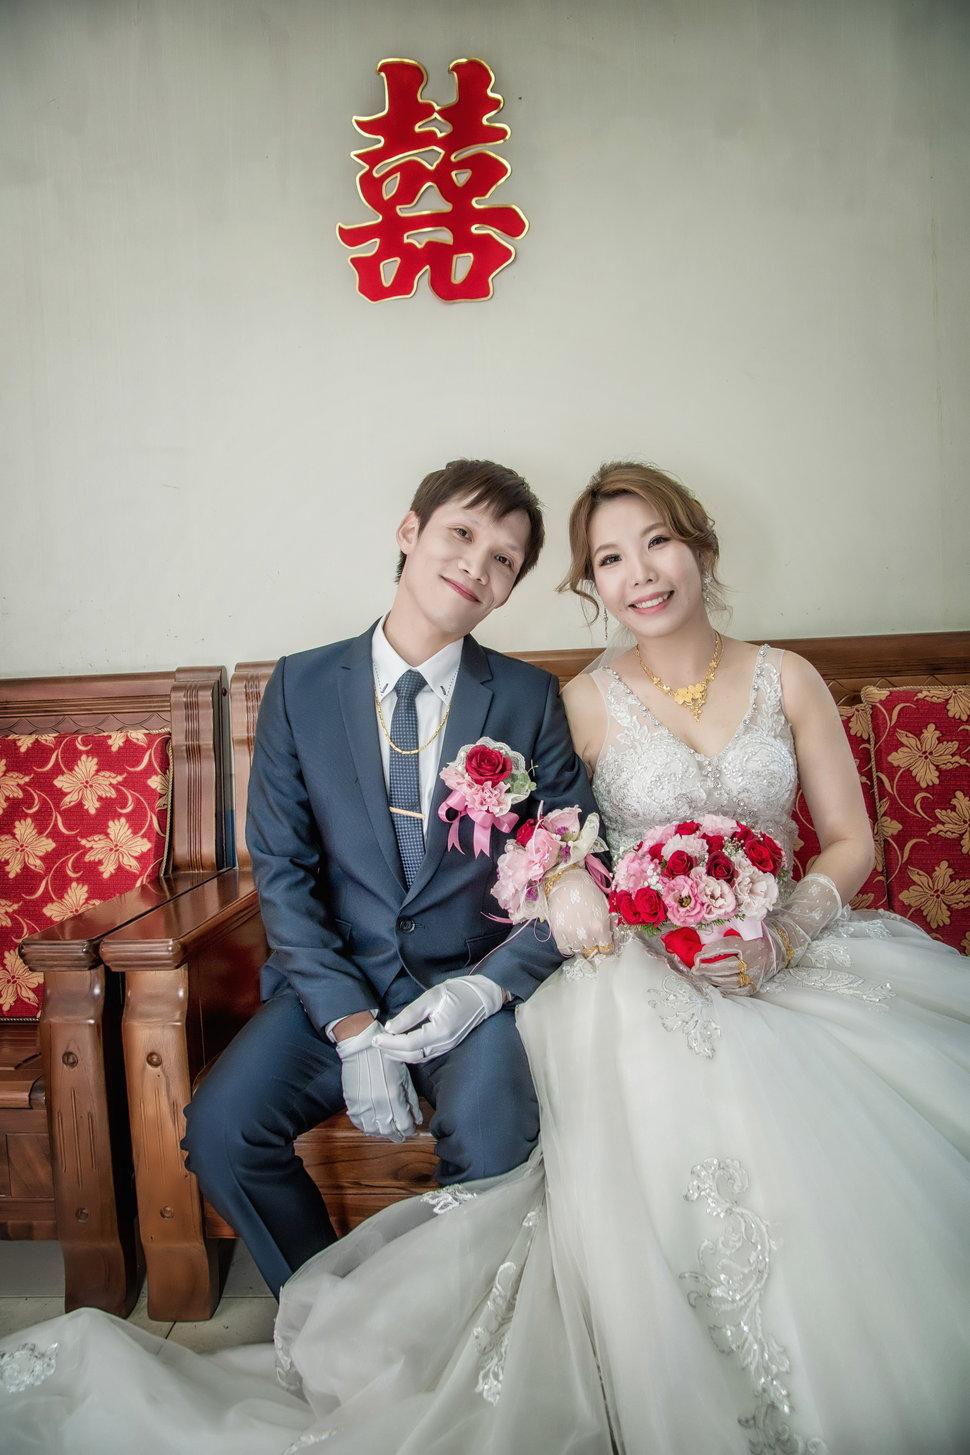 1 (55) - Daco  攝影工作室《結婚吧》